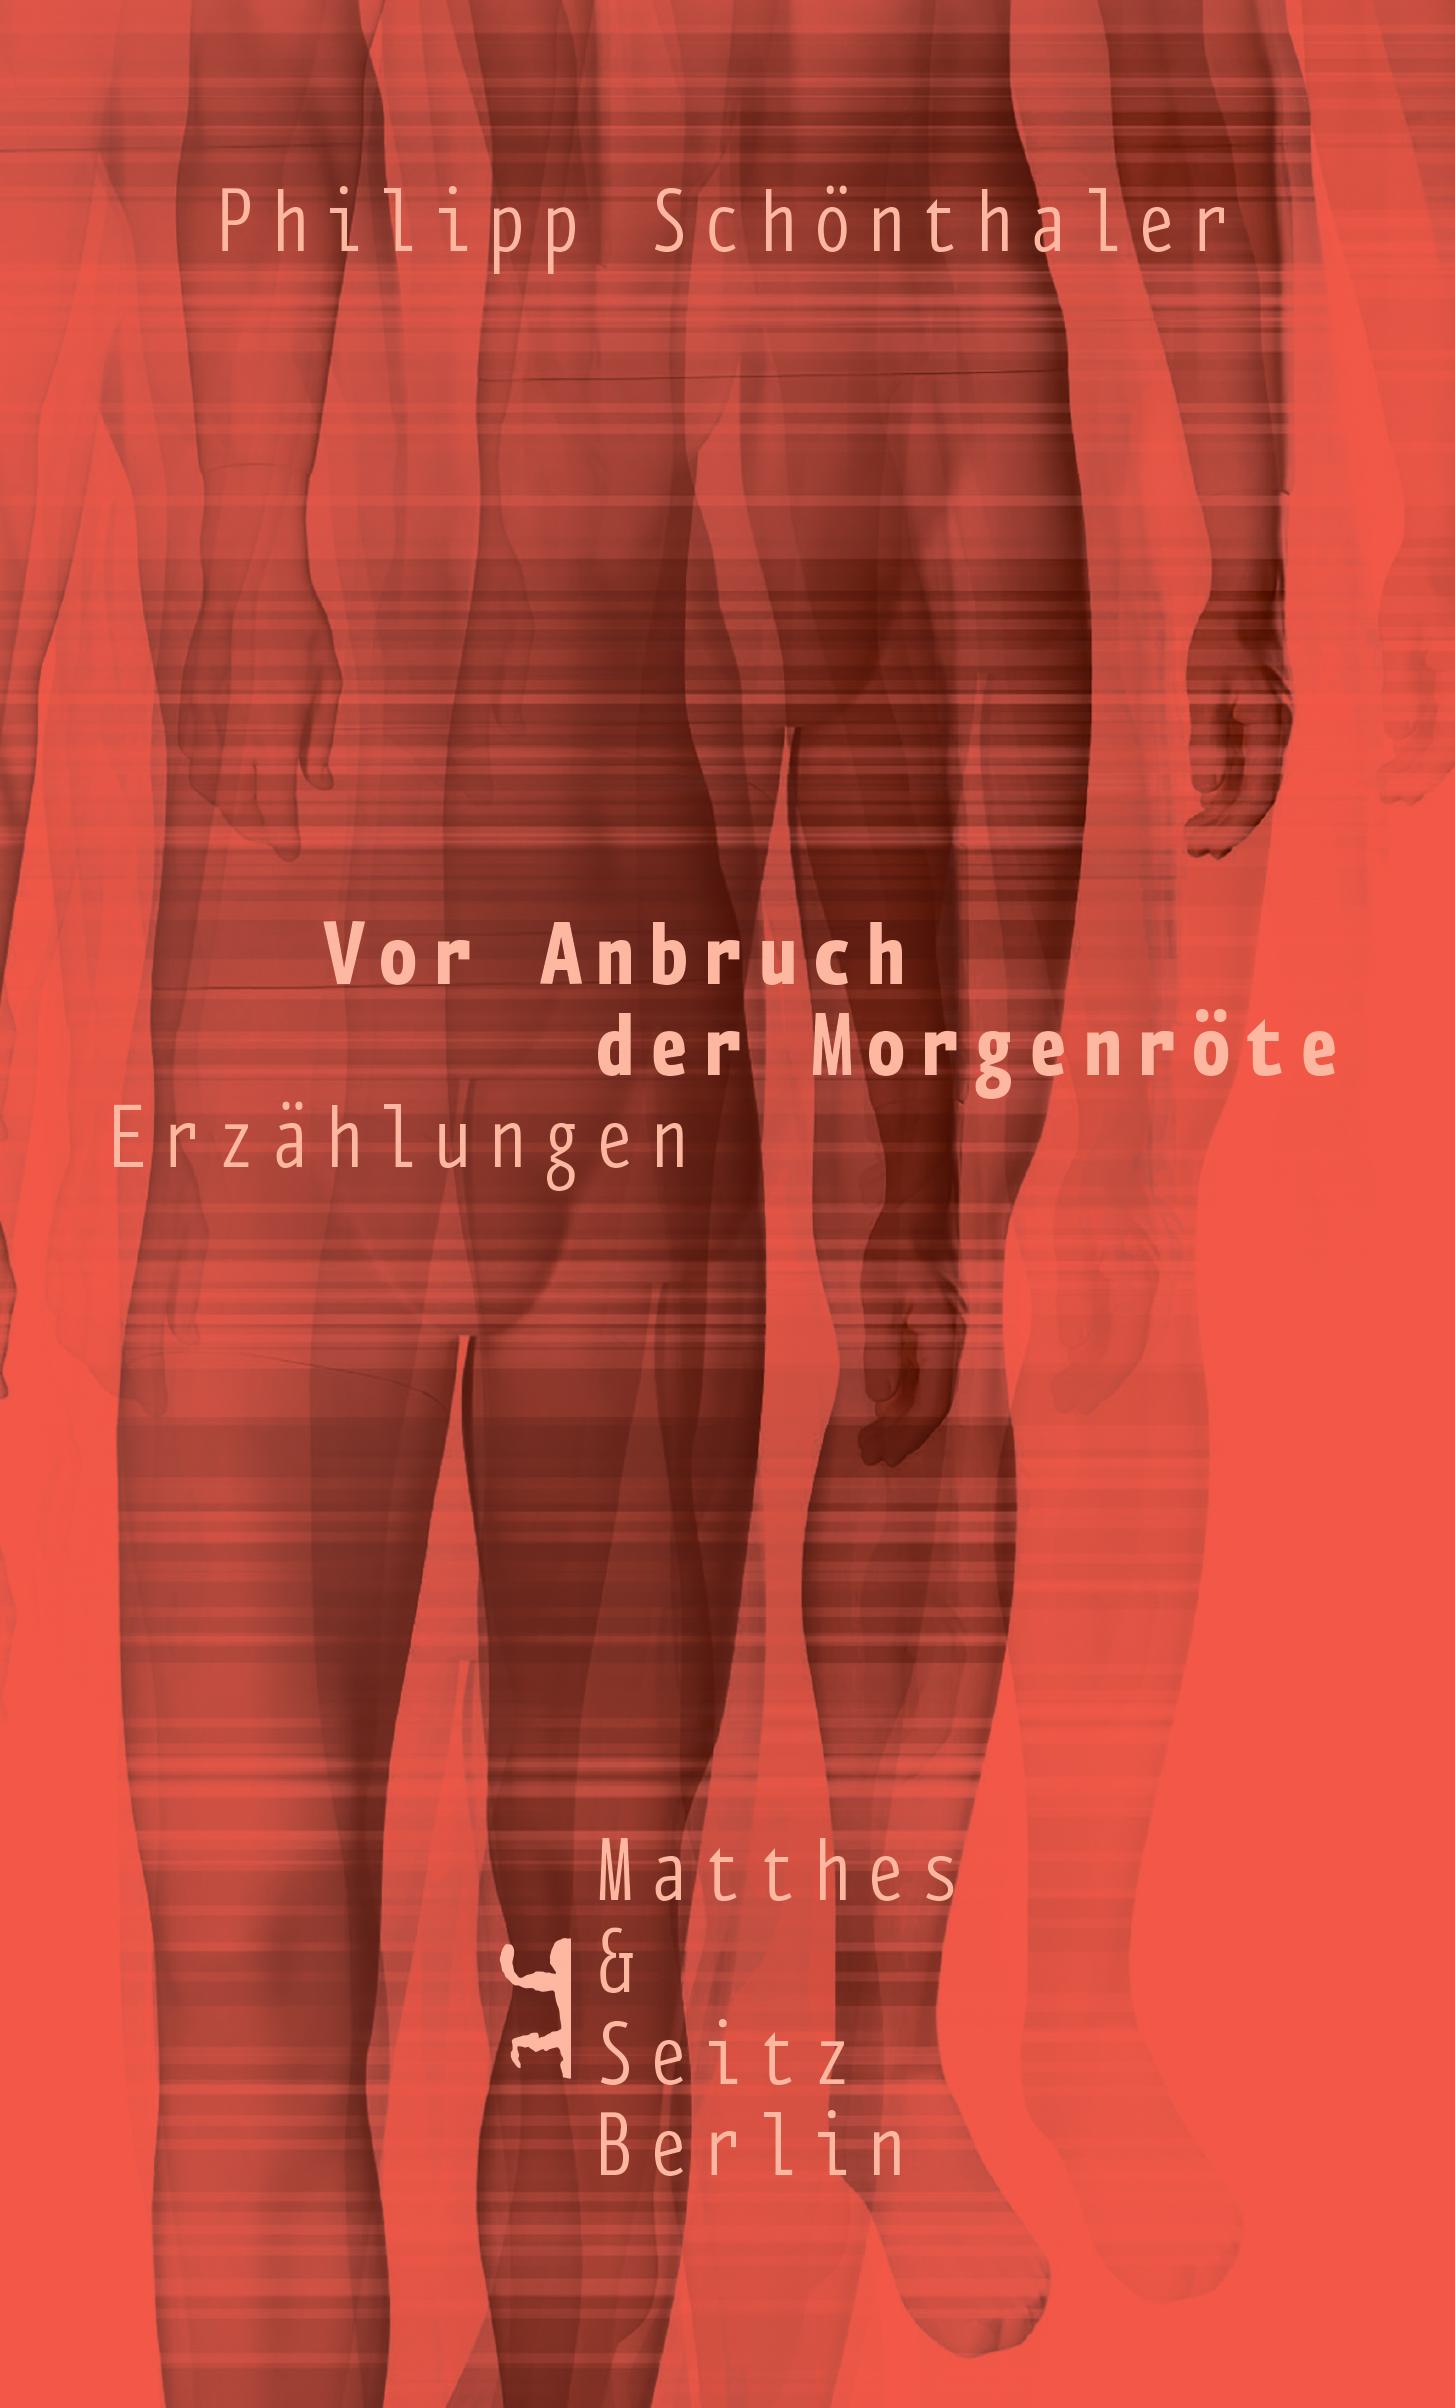 afda63425d Vor Anbruch der Morgenröte - Verlag Matthes & Seitz Berlin